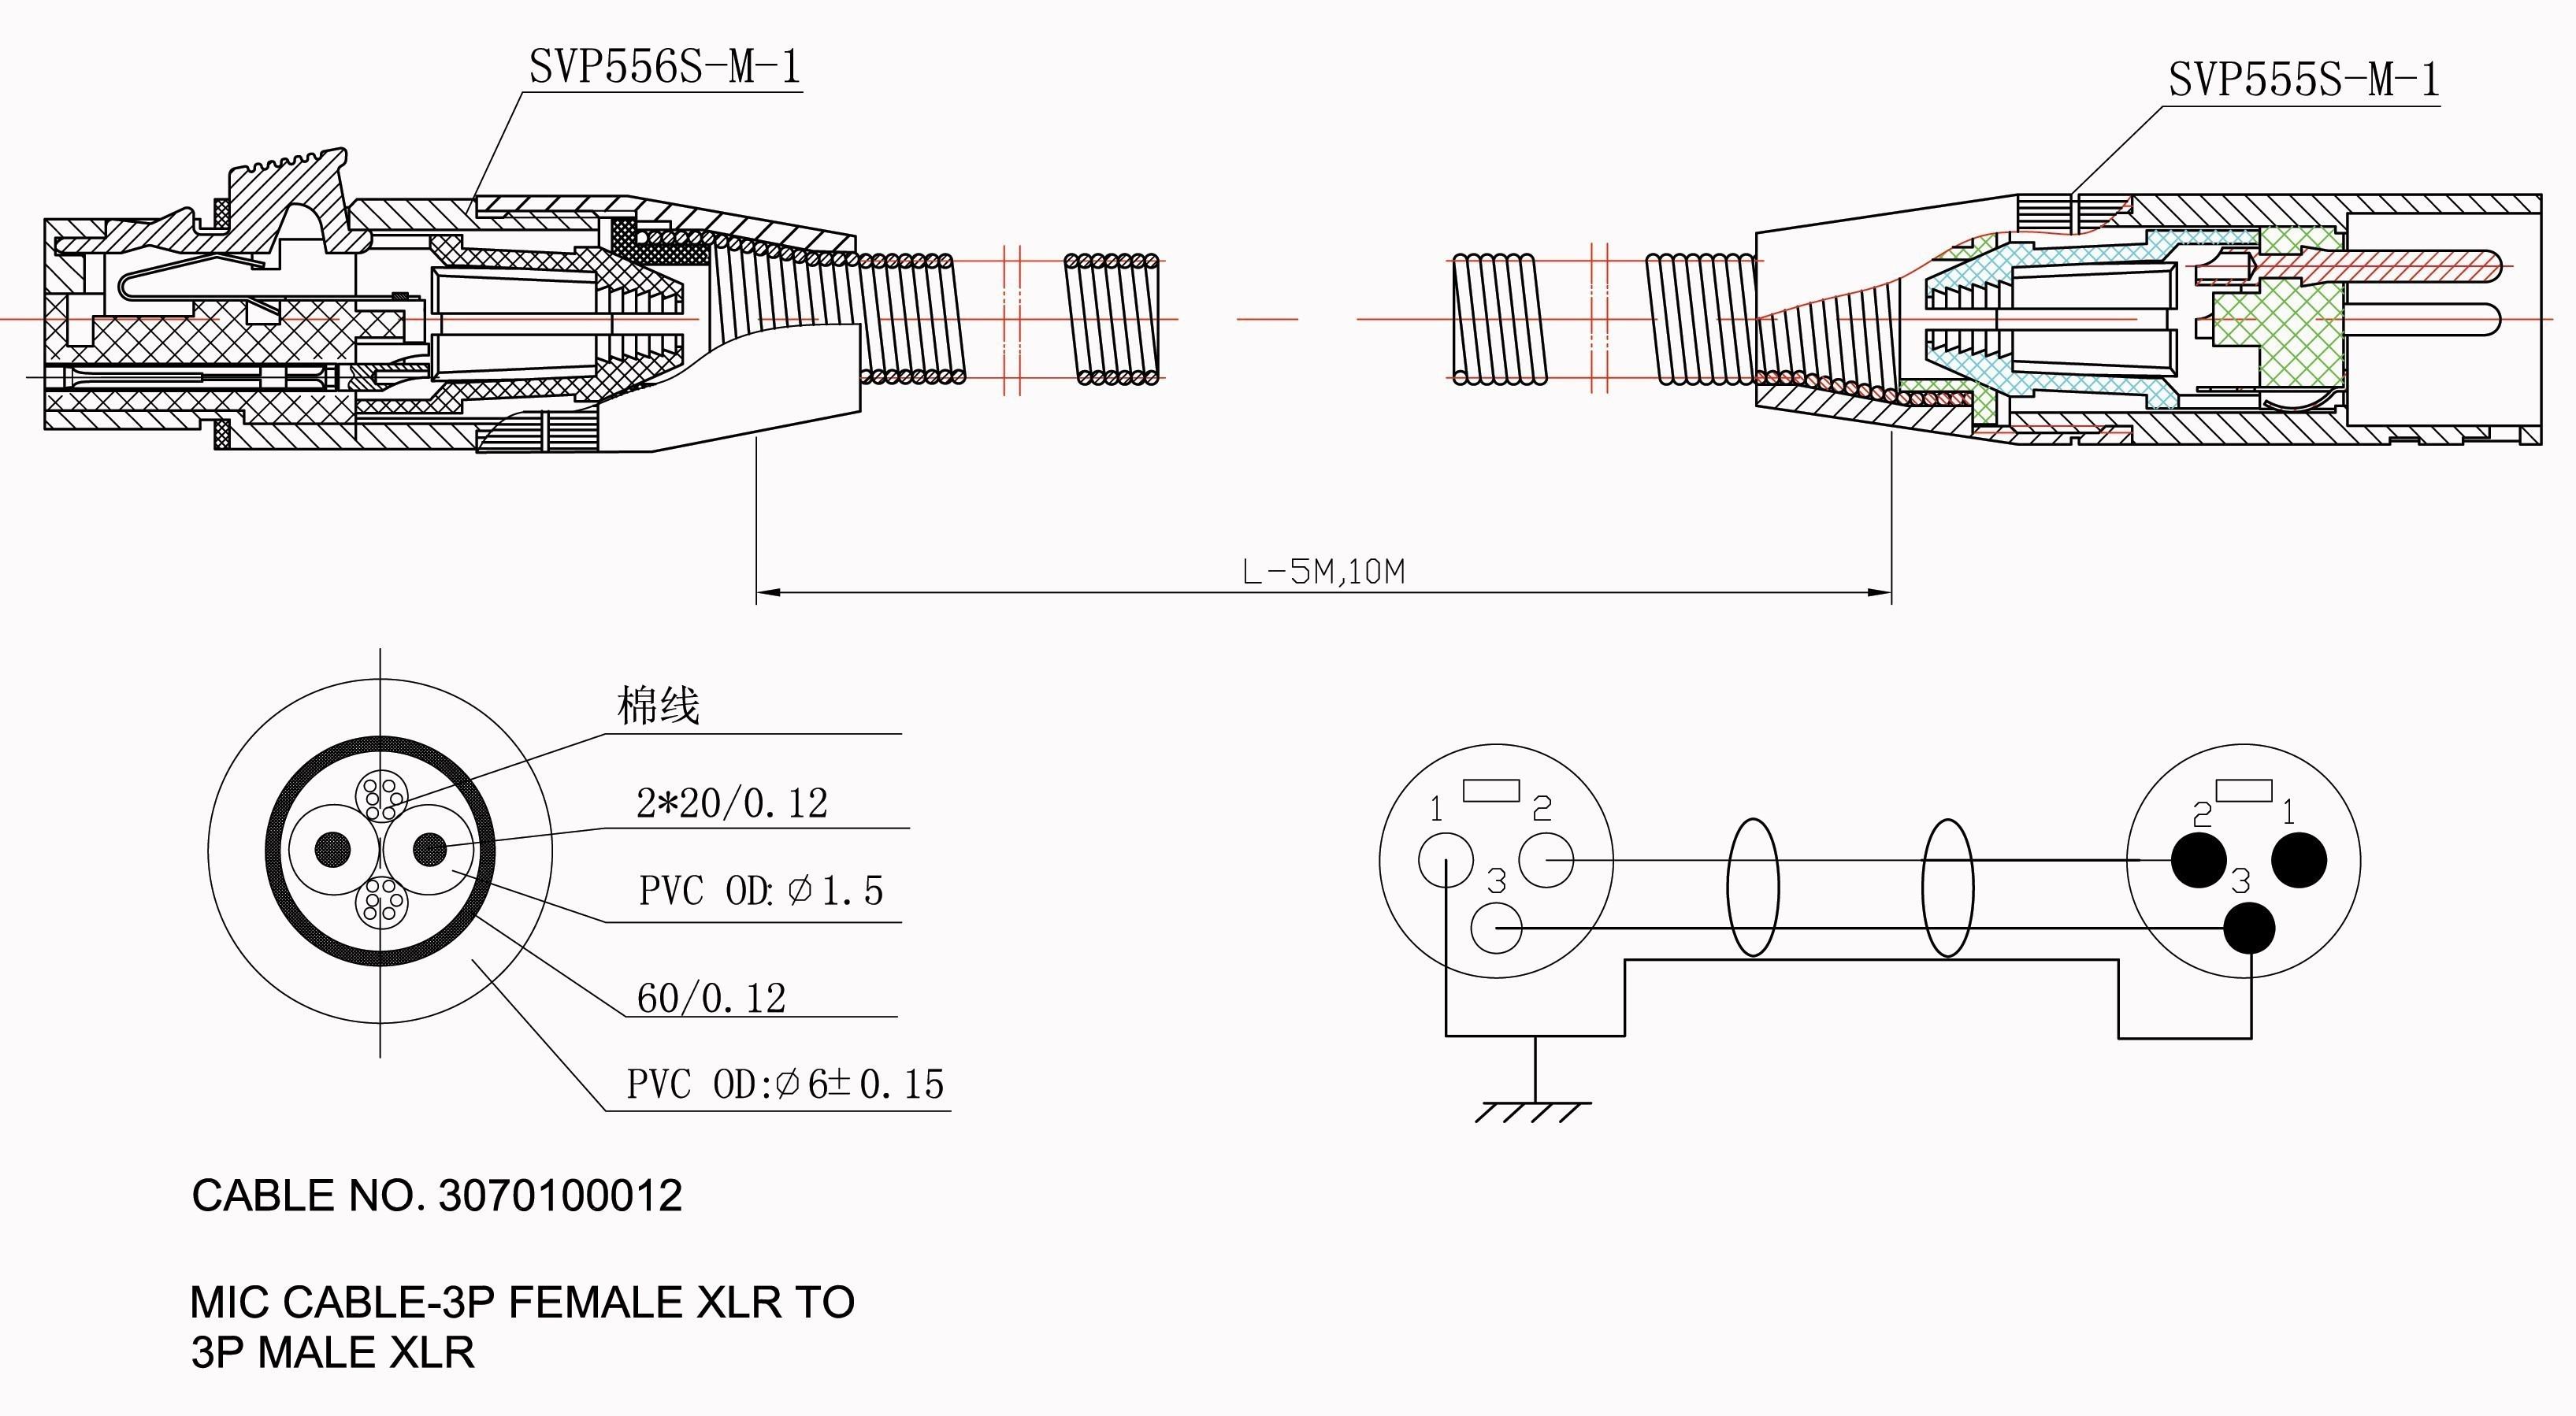 Simple Motorcycle Wiring Diagram Honda Beat Motorcycle Wiring Diagram Valid Big Dog Wiring Diagram Of Simple Motorcycle Wiring Diagram